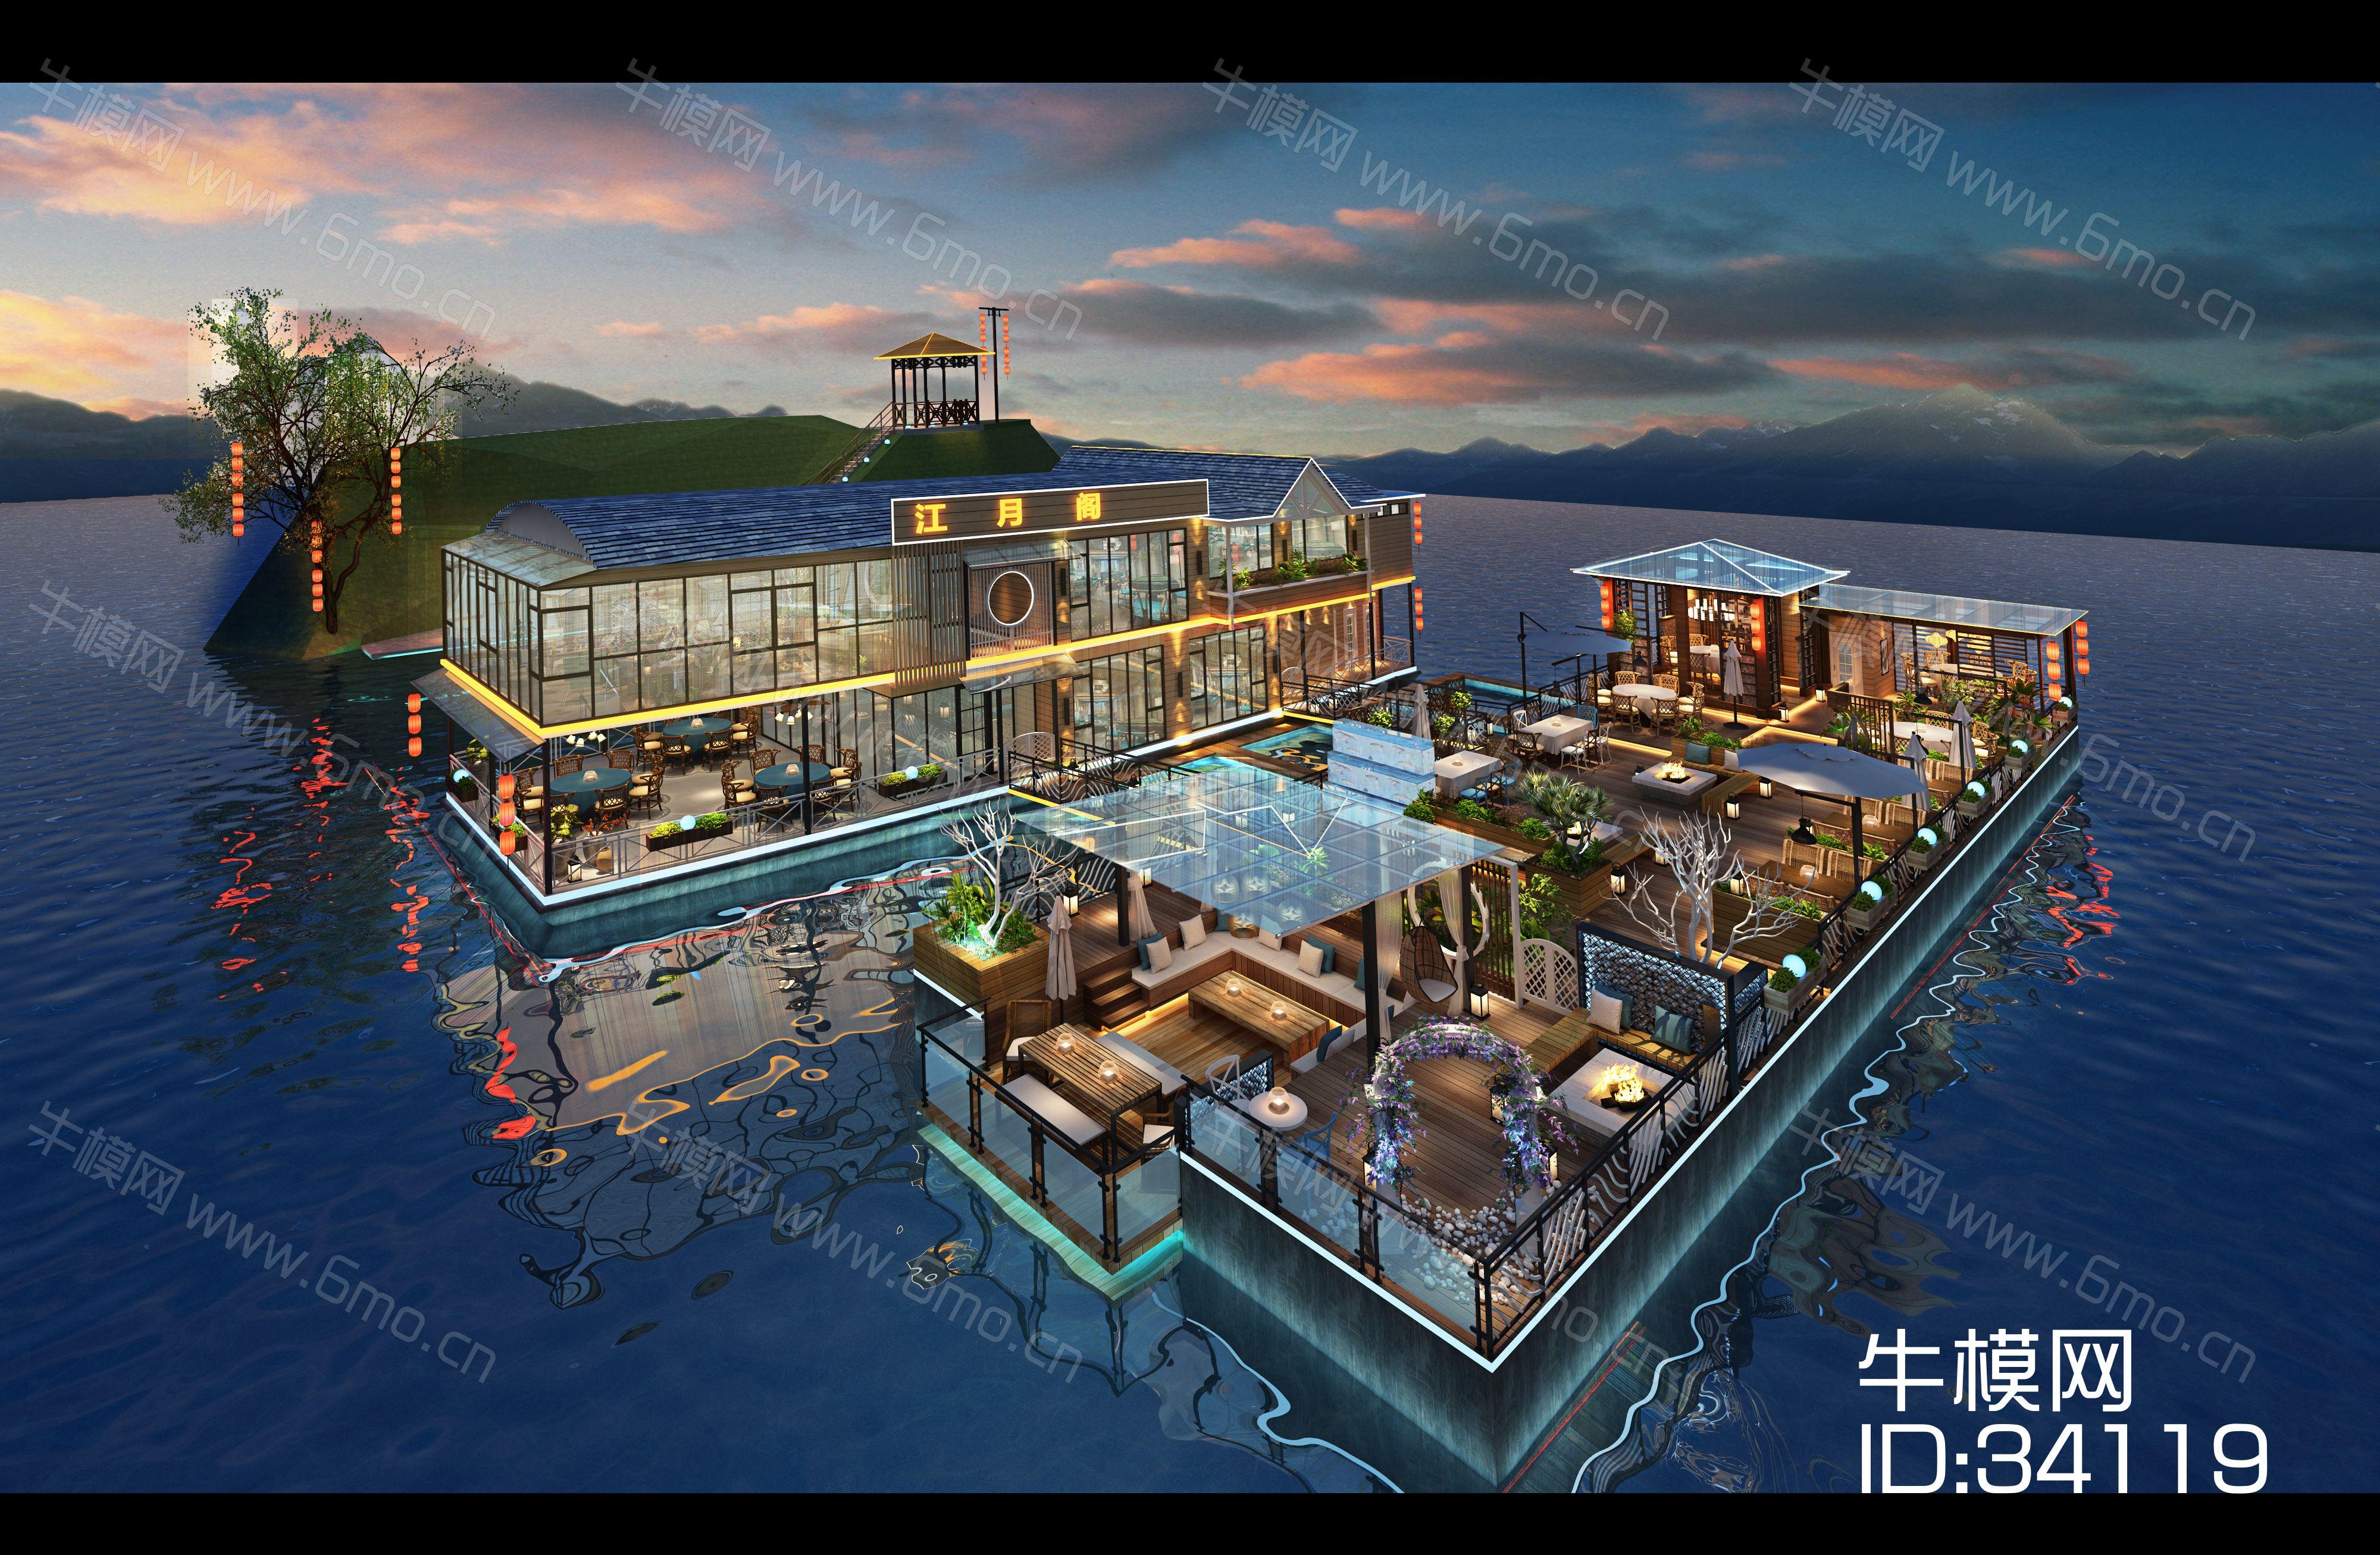 中式风格海上建筑外观